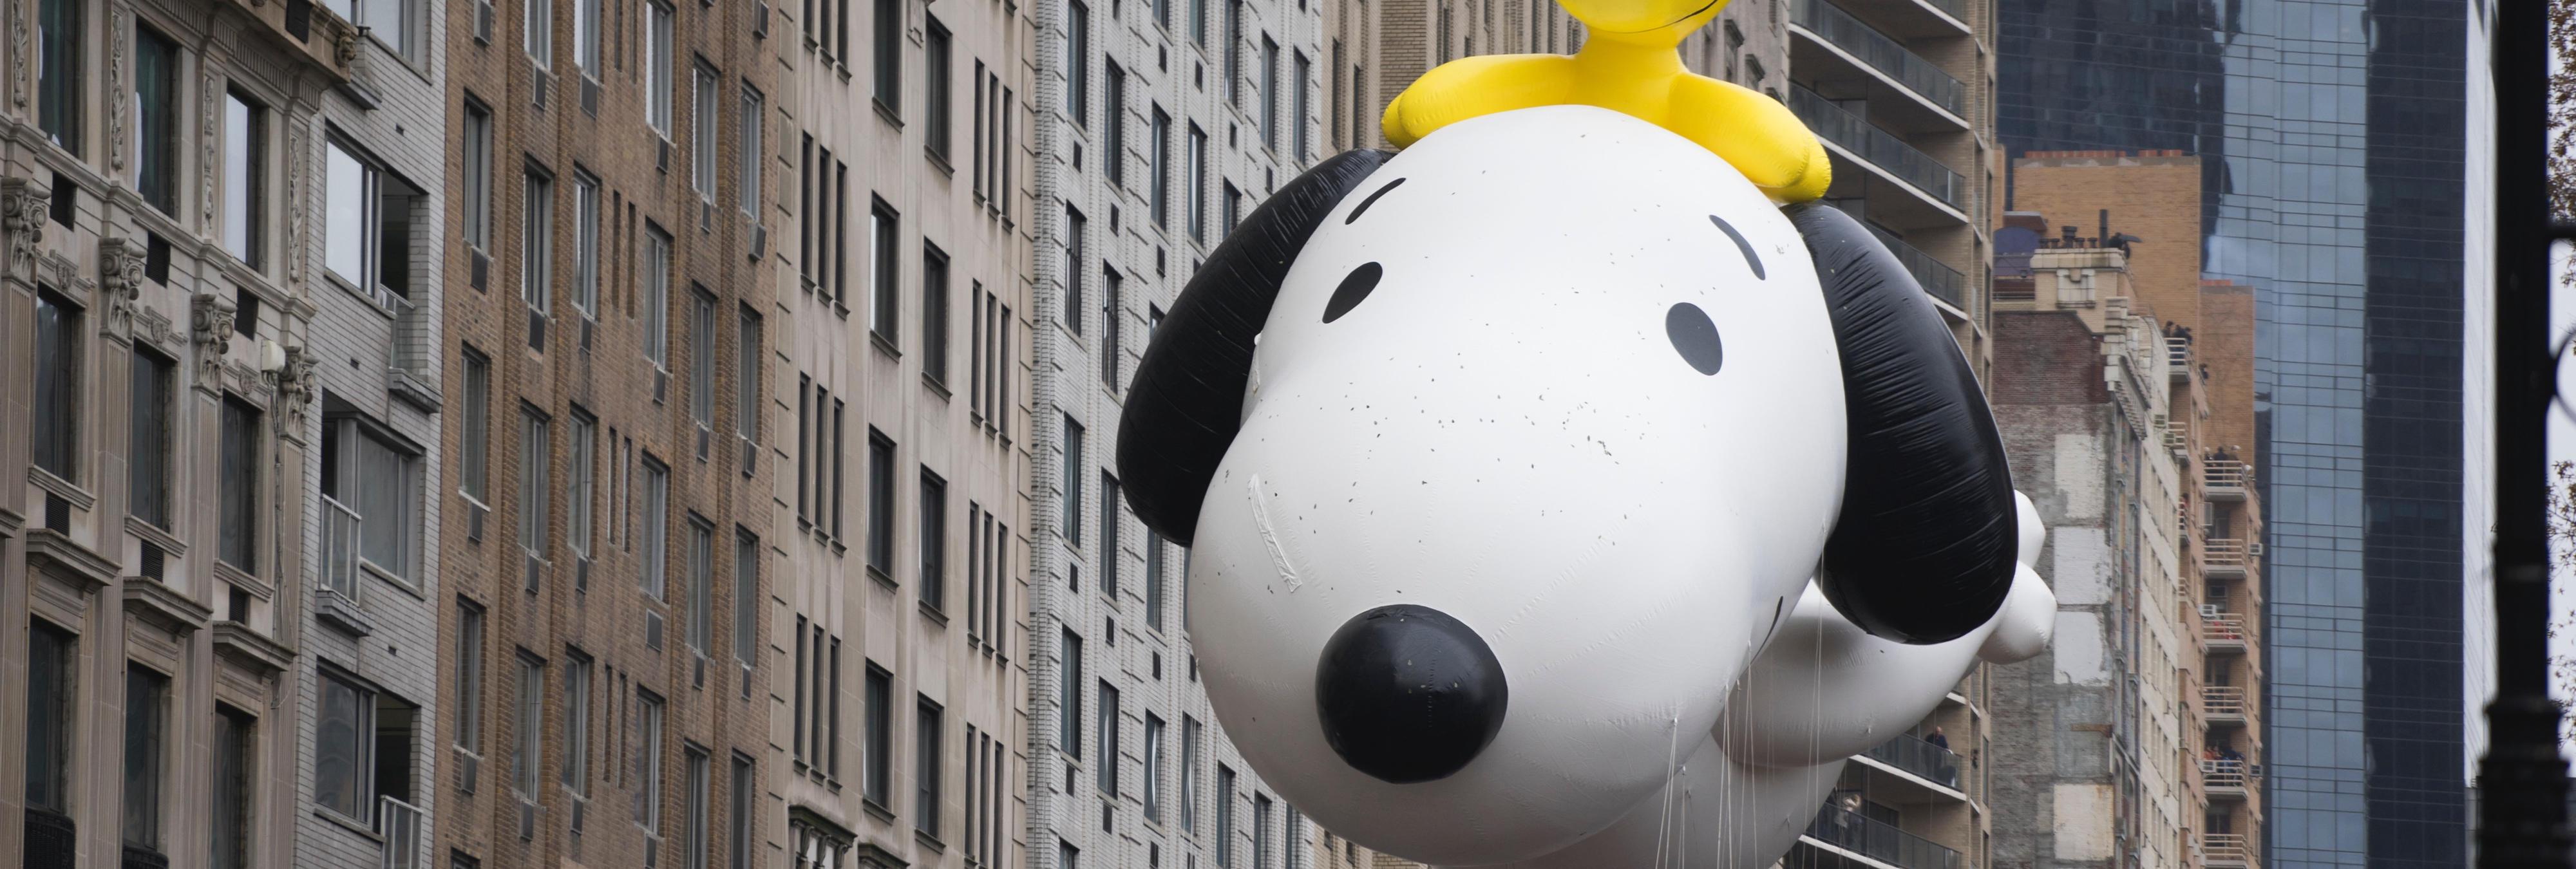 Los globos del desfile de Acción de Gracias más molones